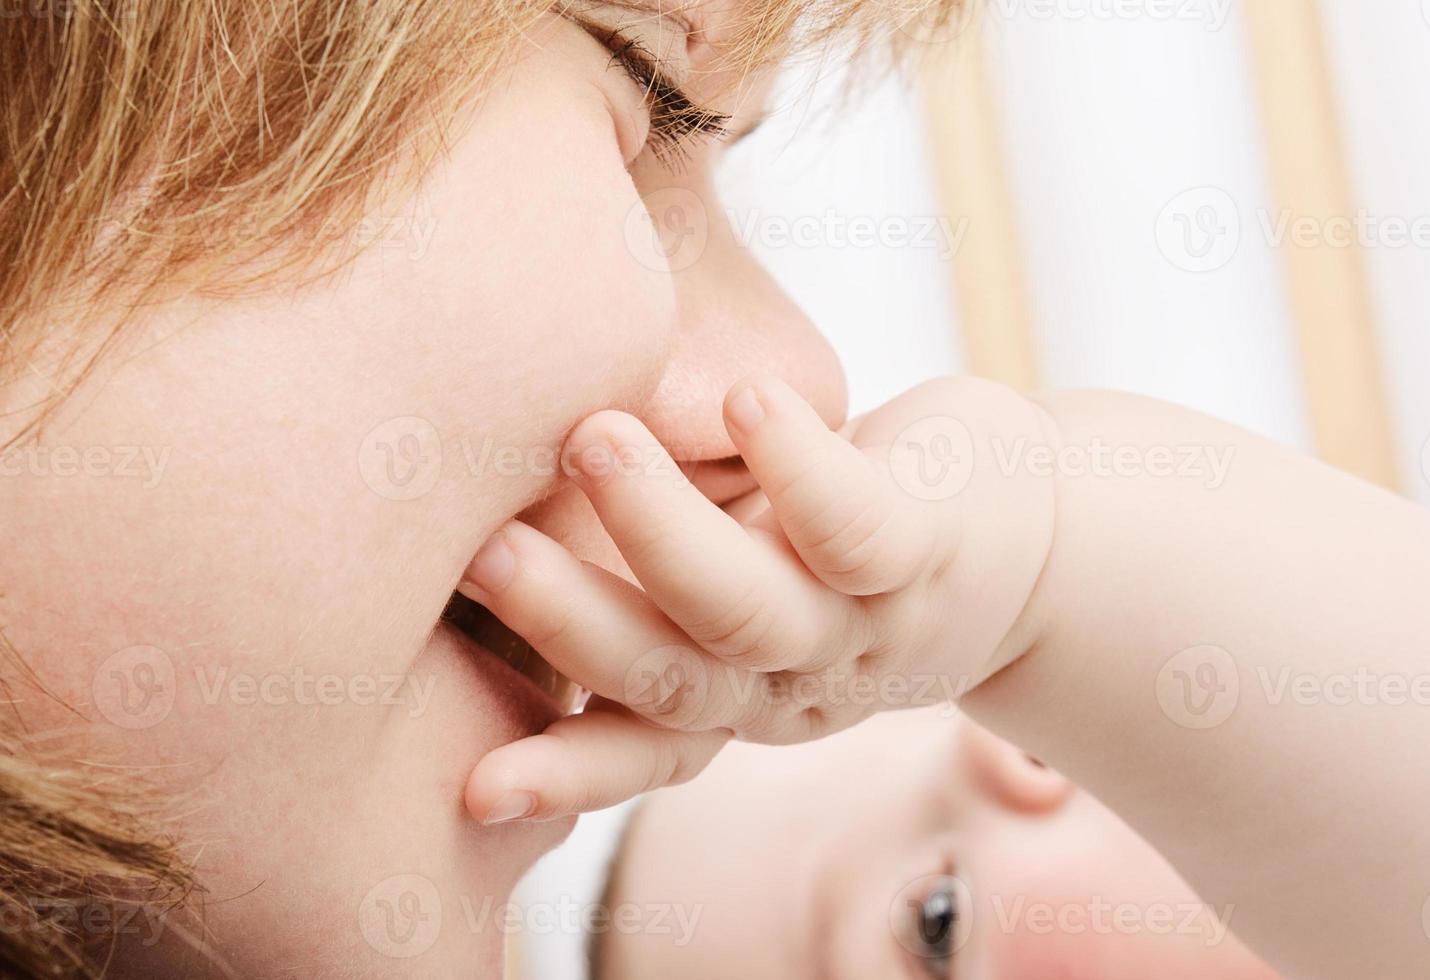 mamma che bacia la piccola mano del bambino foto